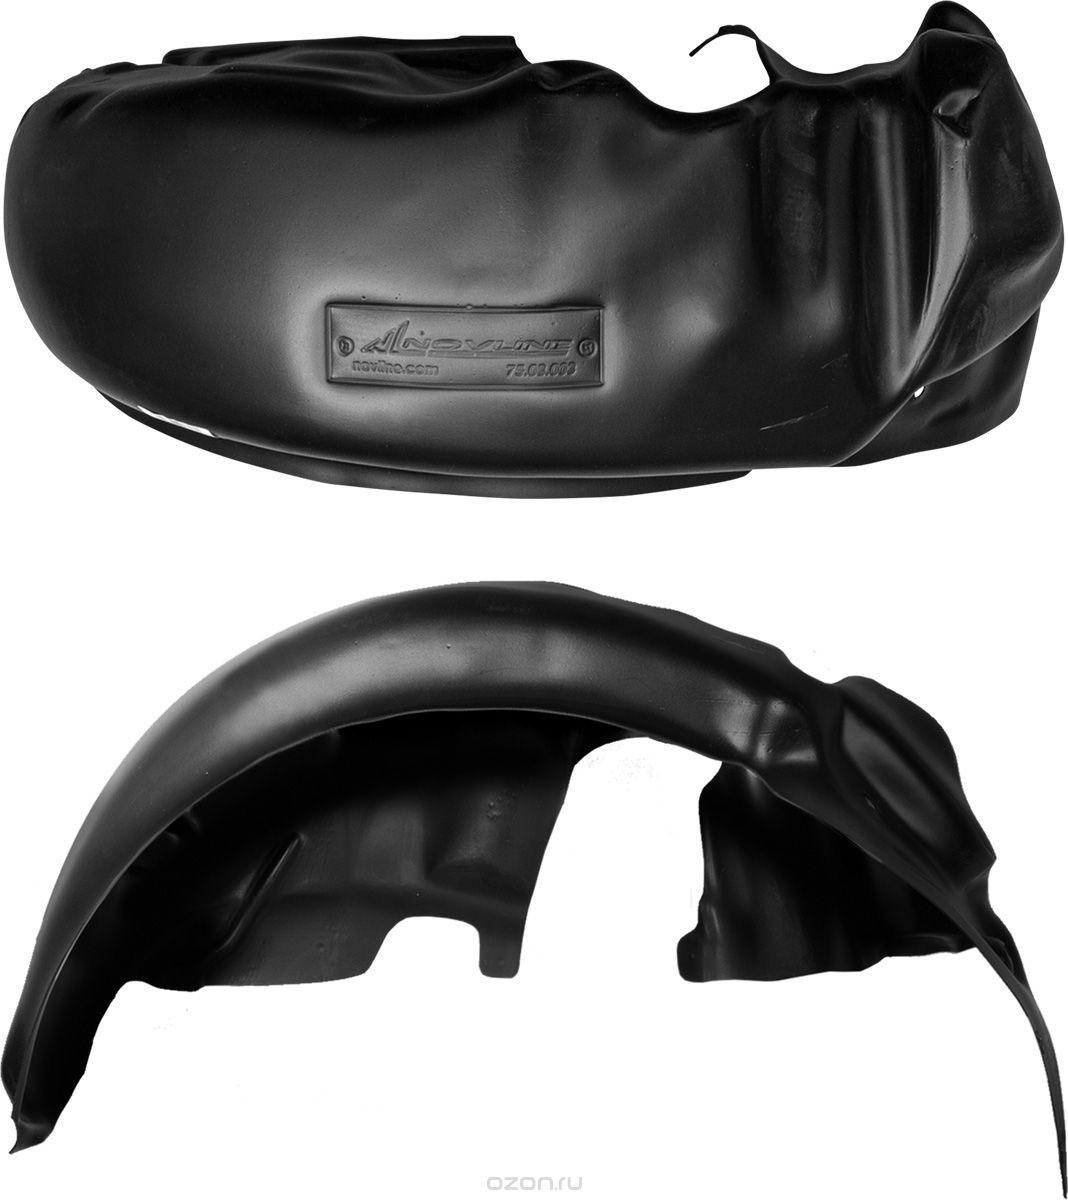 Подкрылок Novline-Autofamily, для PEUGEOT Boxer 2006-> с расширителями арок, передний правый000414Идеальная защита колесной ниши. Локеры разработаны с применением цифровых технологий, гарантируют максимальную повторяемость поверхности арки. Изделия устанавливаются без нарушения лакокрасочного покрытия автомобиля, каждый подкрылок комплектуется крепежом. Уважаемые клиенты, обращаем ваше внимание, что фотографии на подкрылки универсальные и не отражают реальную форму изделия. При этом само изделие идет точно под размер указанного автомобиля.